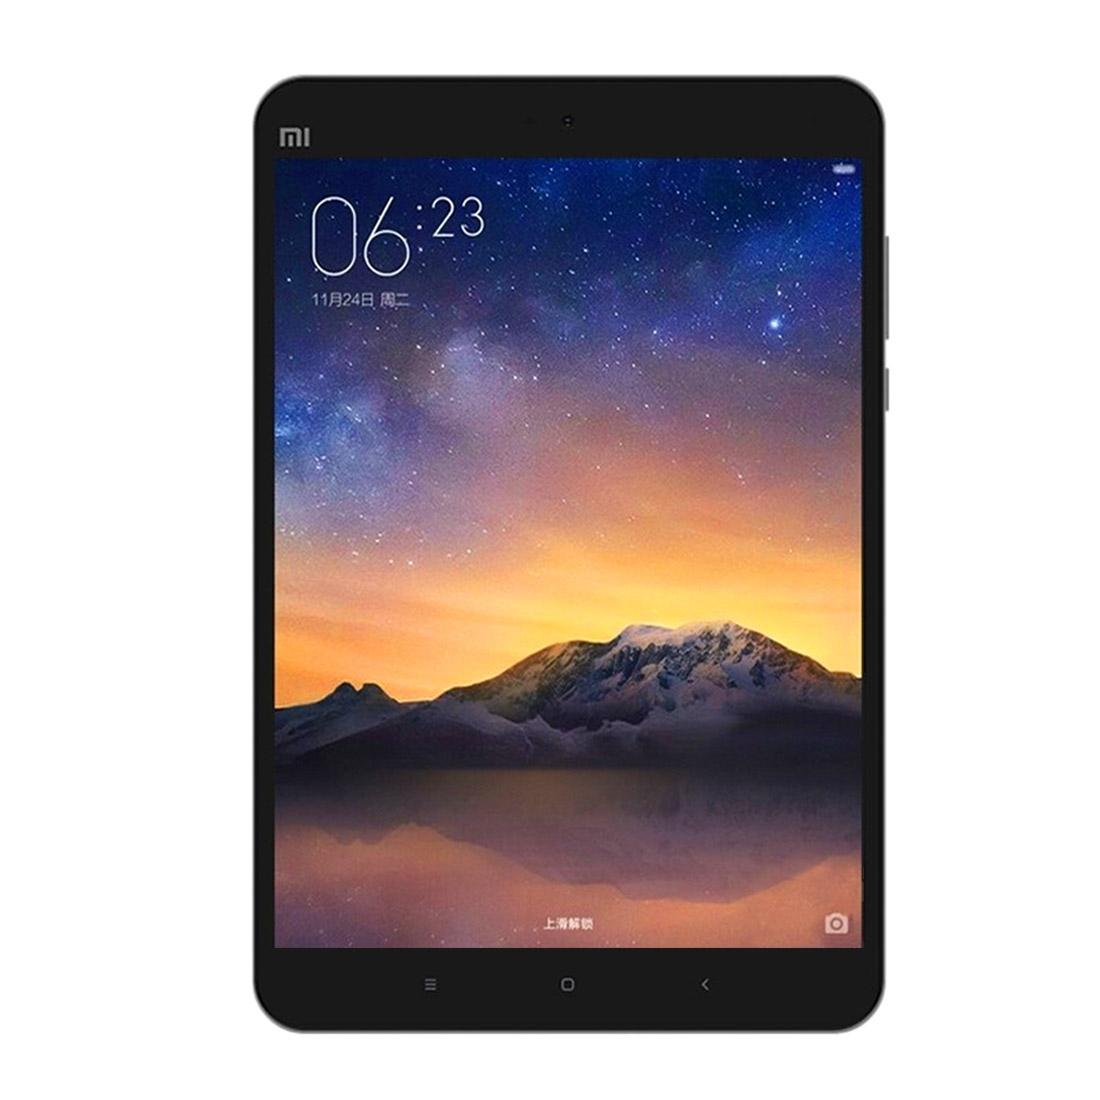 Original Xiaomi MiPad 2 Mi Pad 2 Metal Body 7.9″ Intel Atom Z8500 Windows 10 Tablet PC 6190mAh 16GB 64GB ROM 5MP 8MP 2048X1536